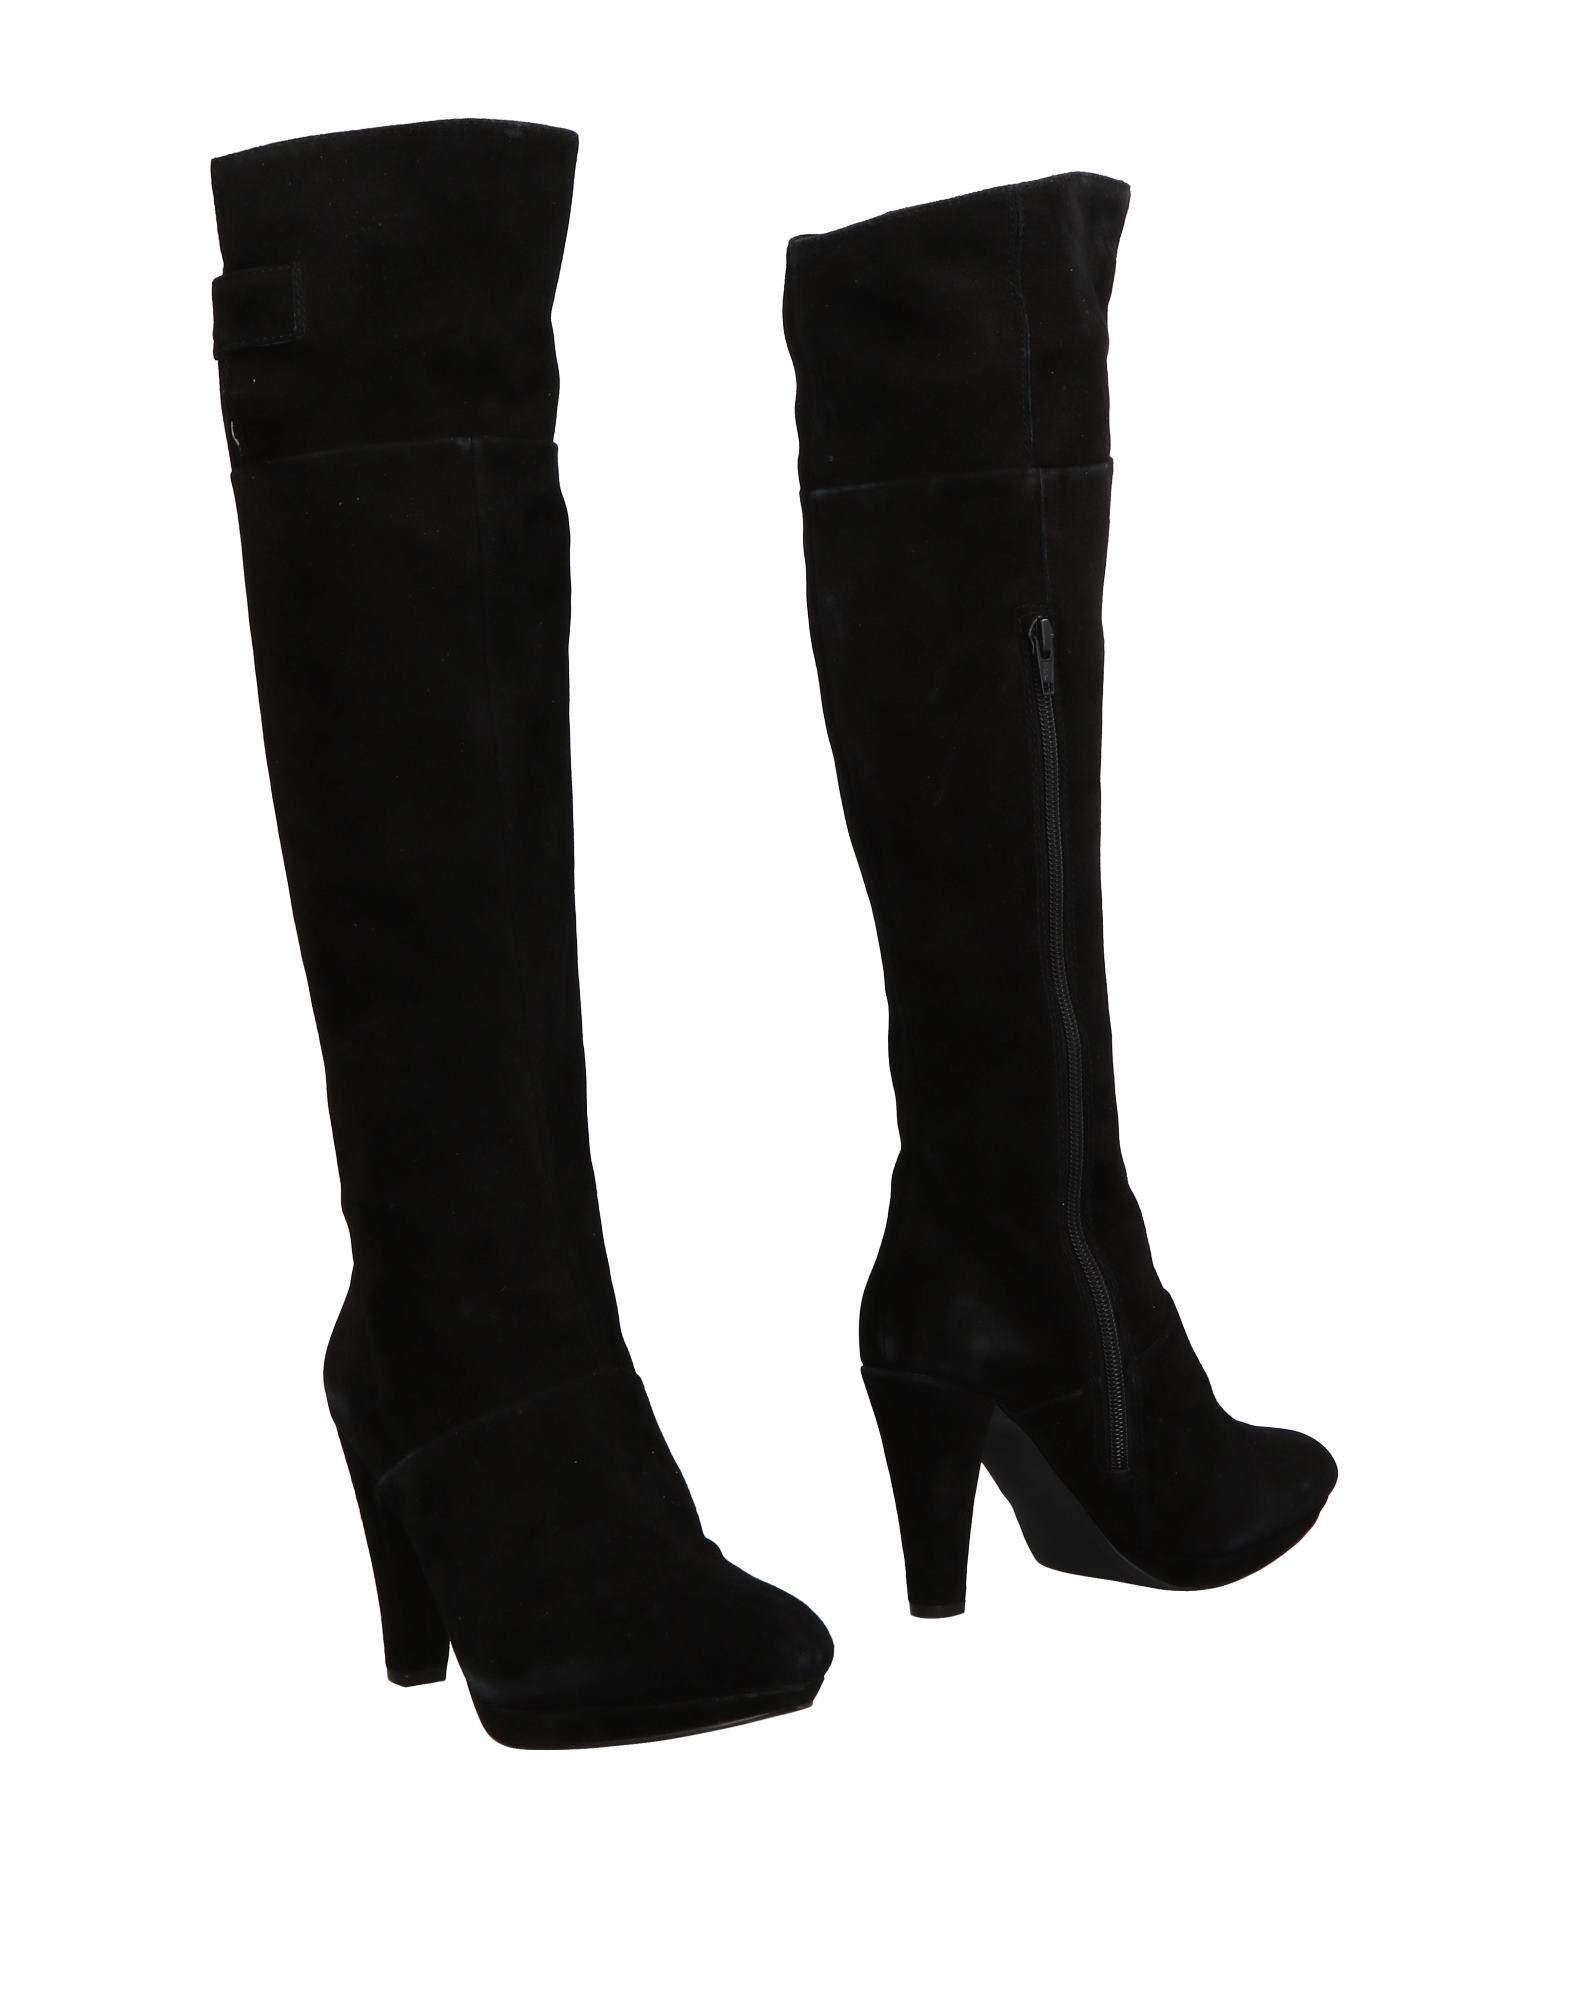 Moda Stivali Cafènoir Donna - 11501387BT